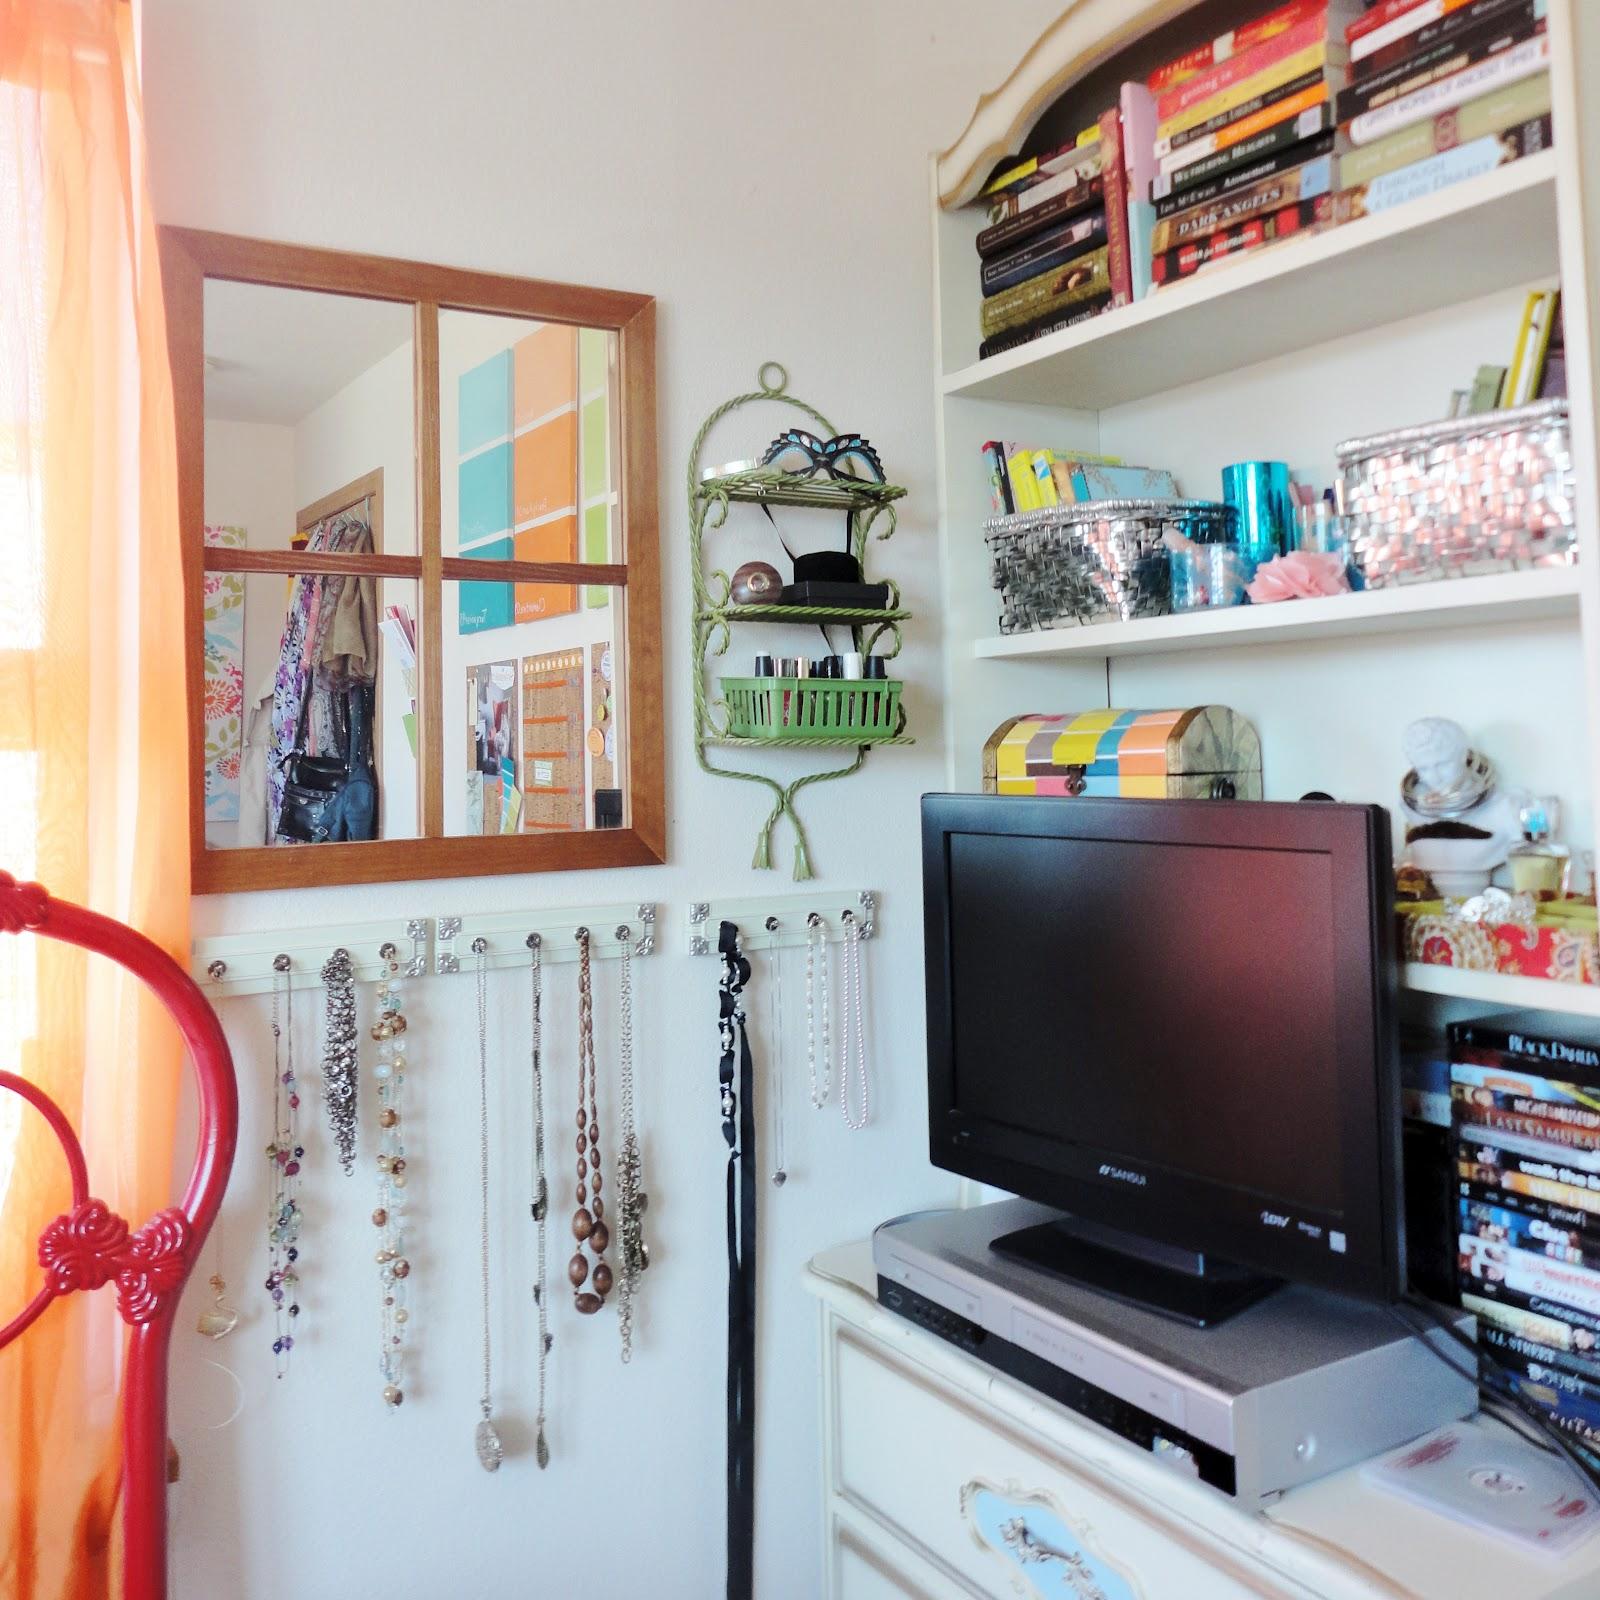 My Bedroom: My Bedroom Tour